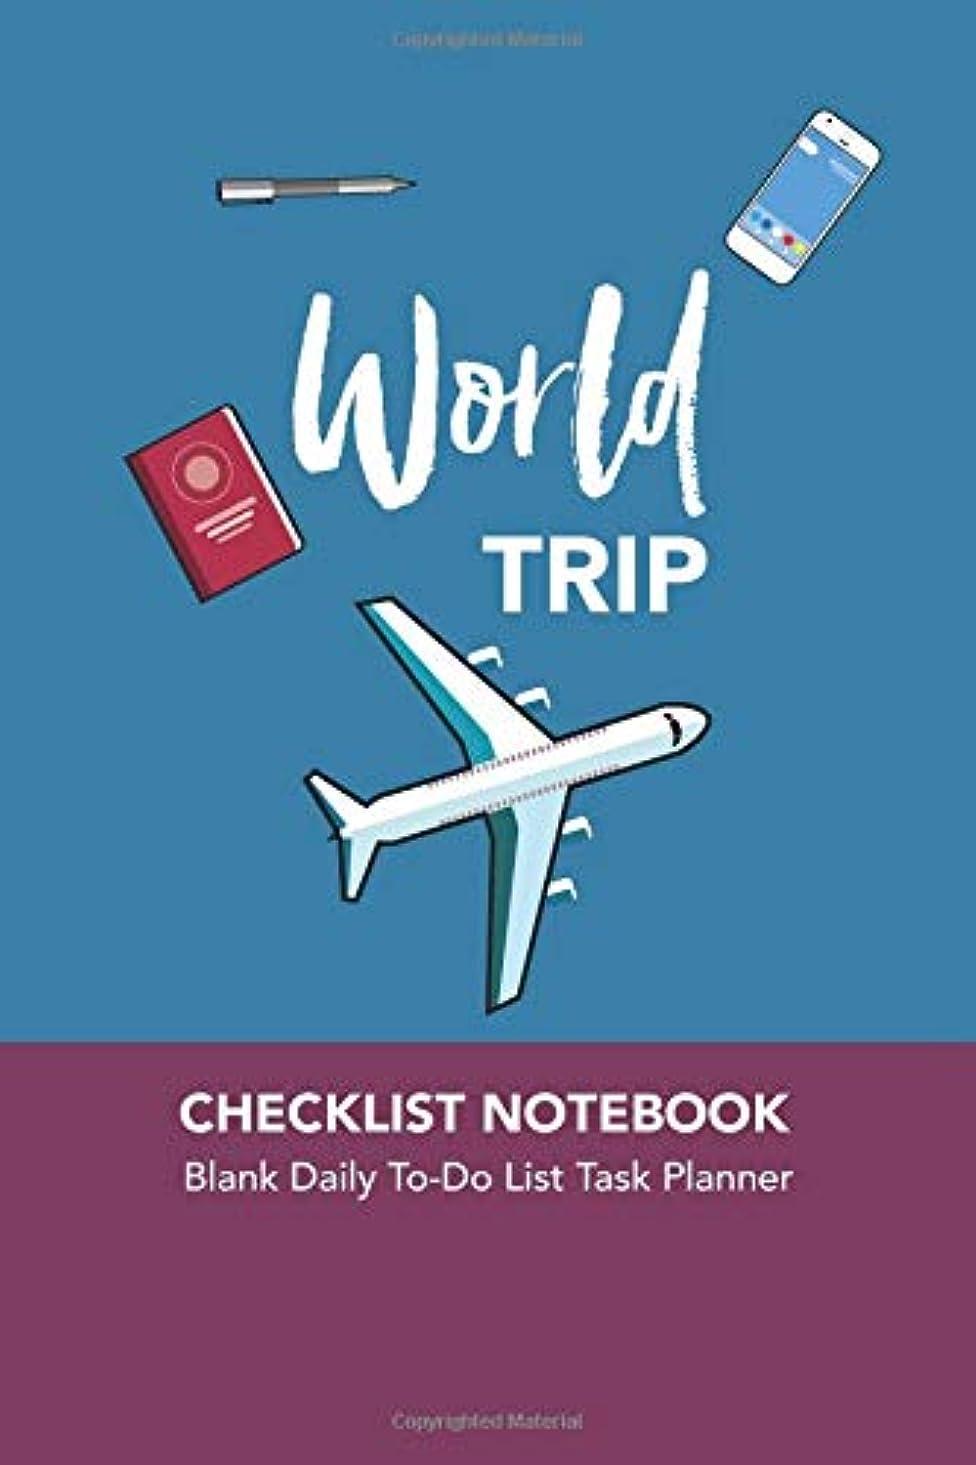 ソーセージタイト人質World Trip checklist notebook: Blank Daily To-Do List Task Planner